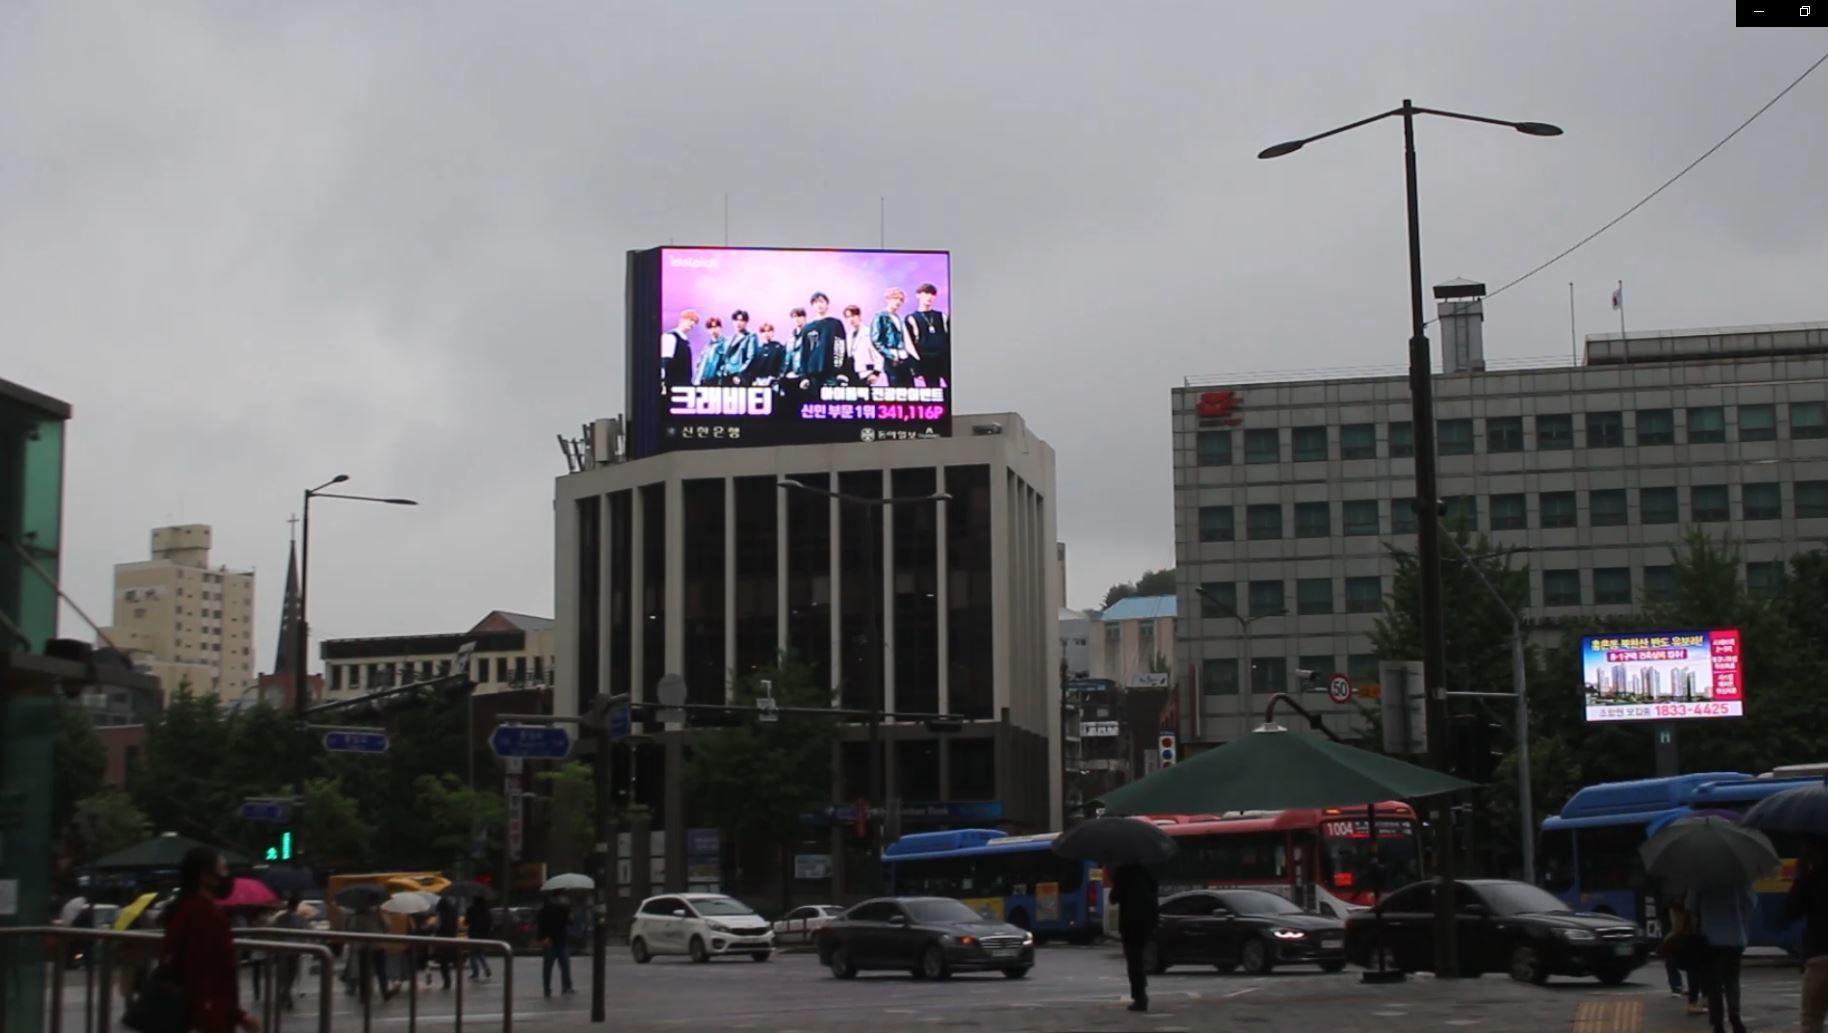 22회 아이돌픽 초대형전광판 서포트 현장